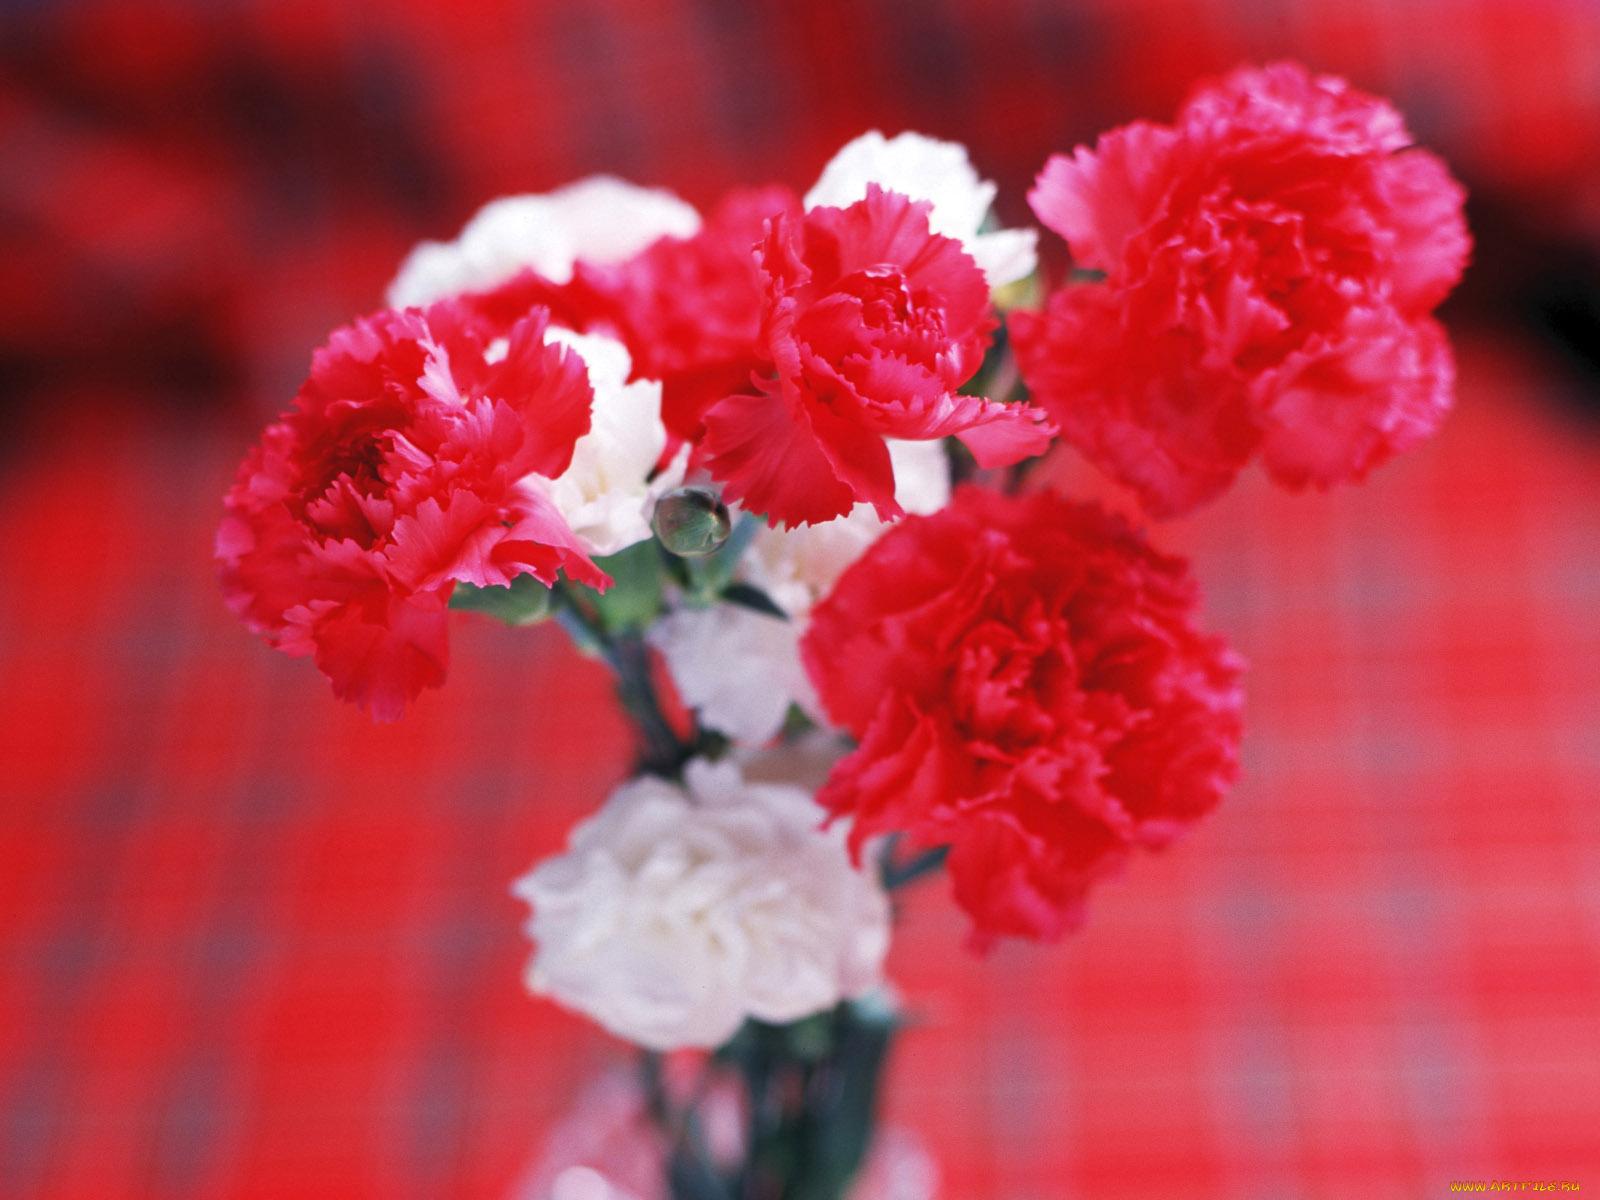 позже цветы для открыток гвоздики снова, как при